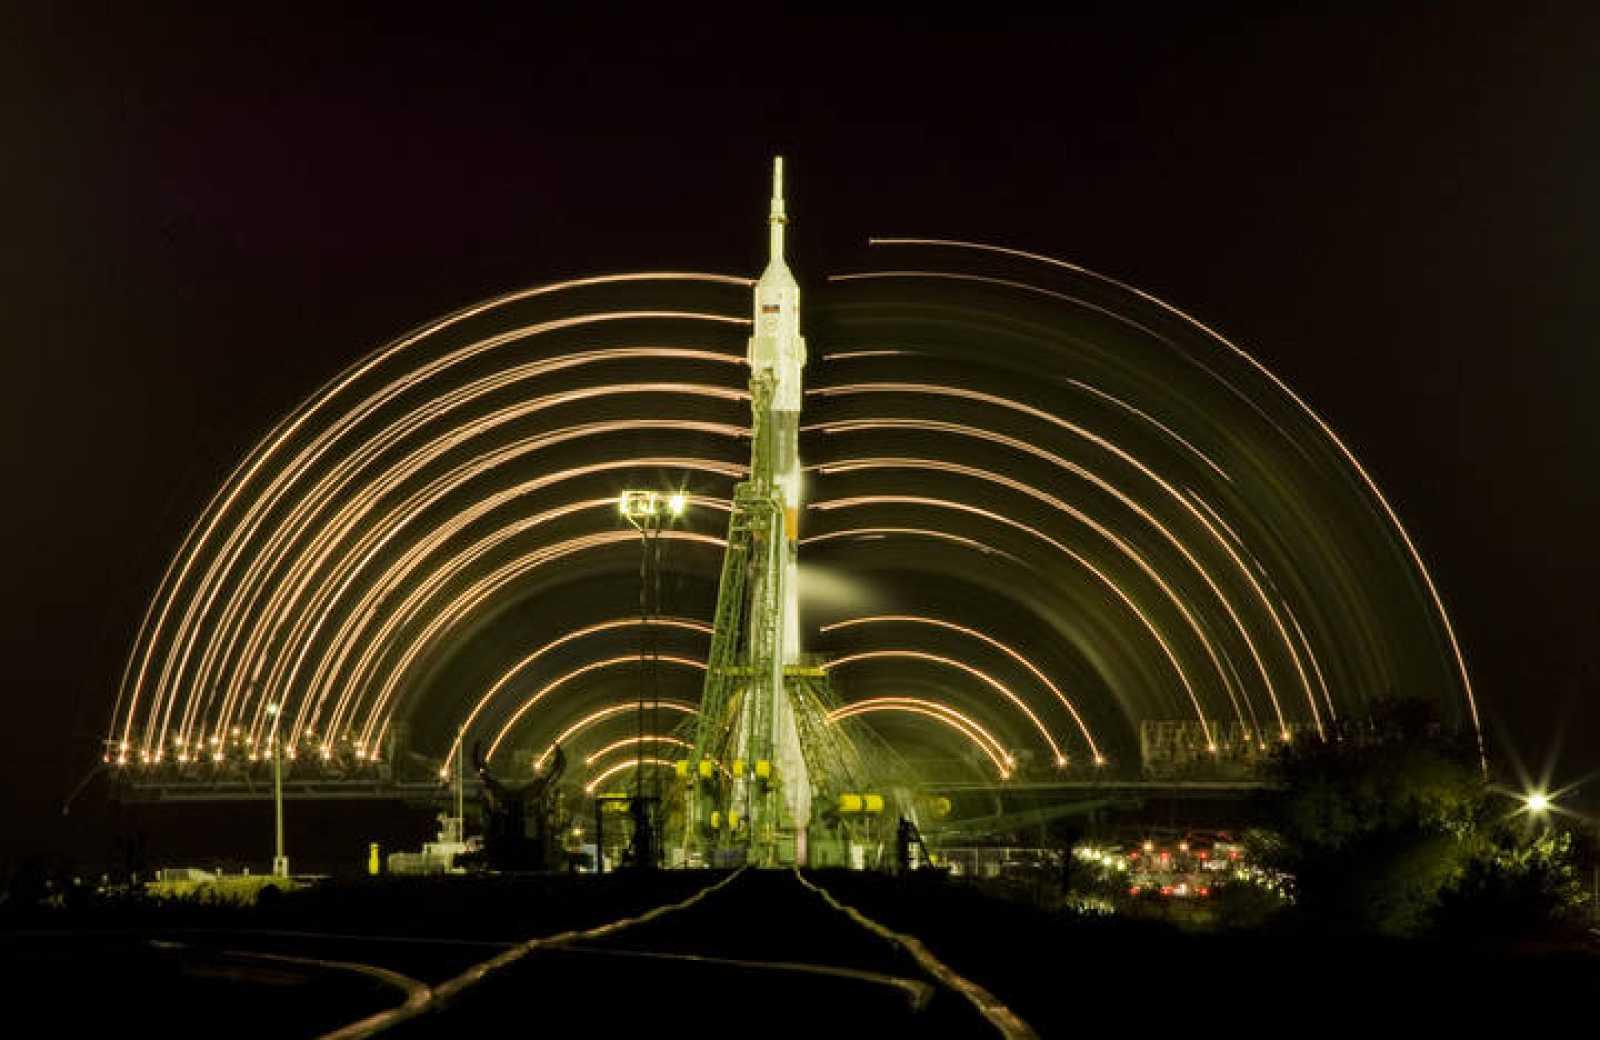 Las  luces de las torres de servicio se mueven alrededor de la nave Soyuz en esta fotografía de larga exposición.